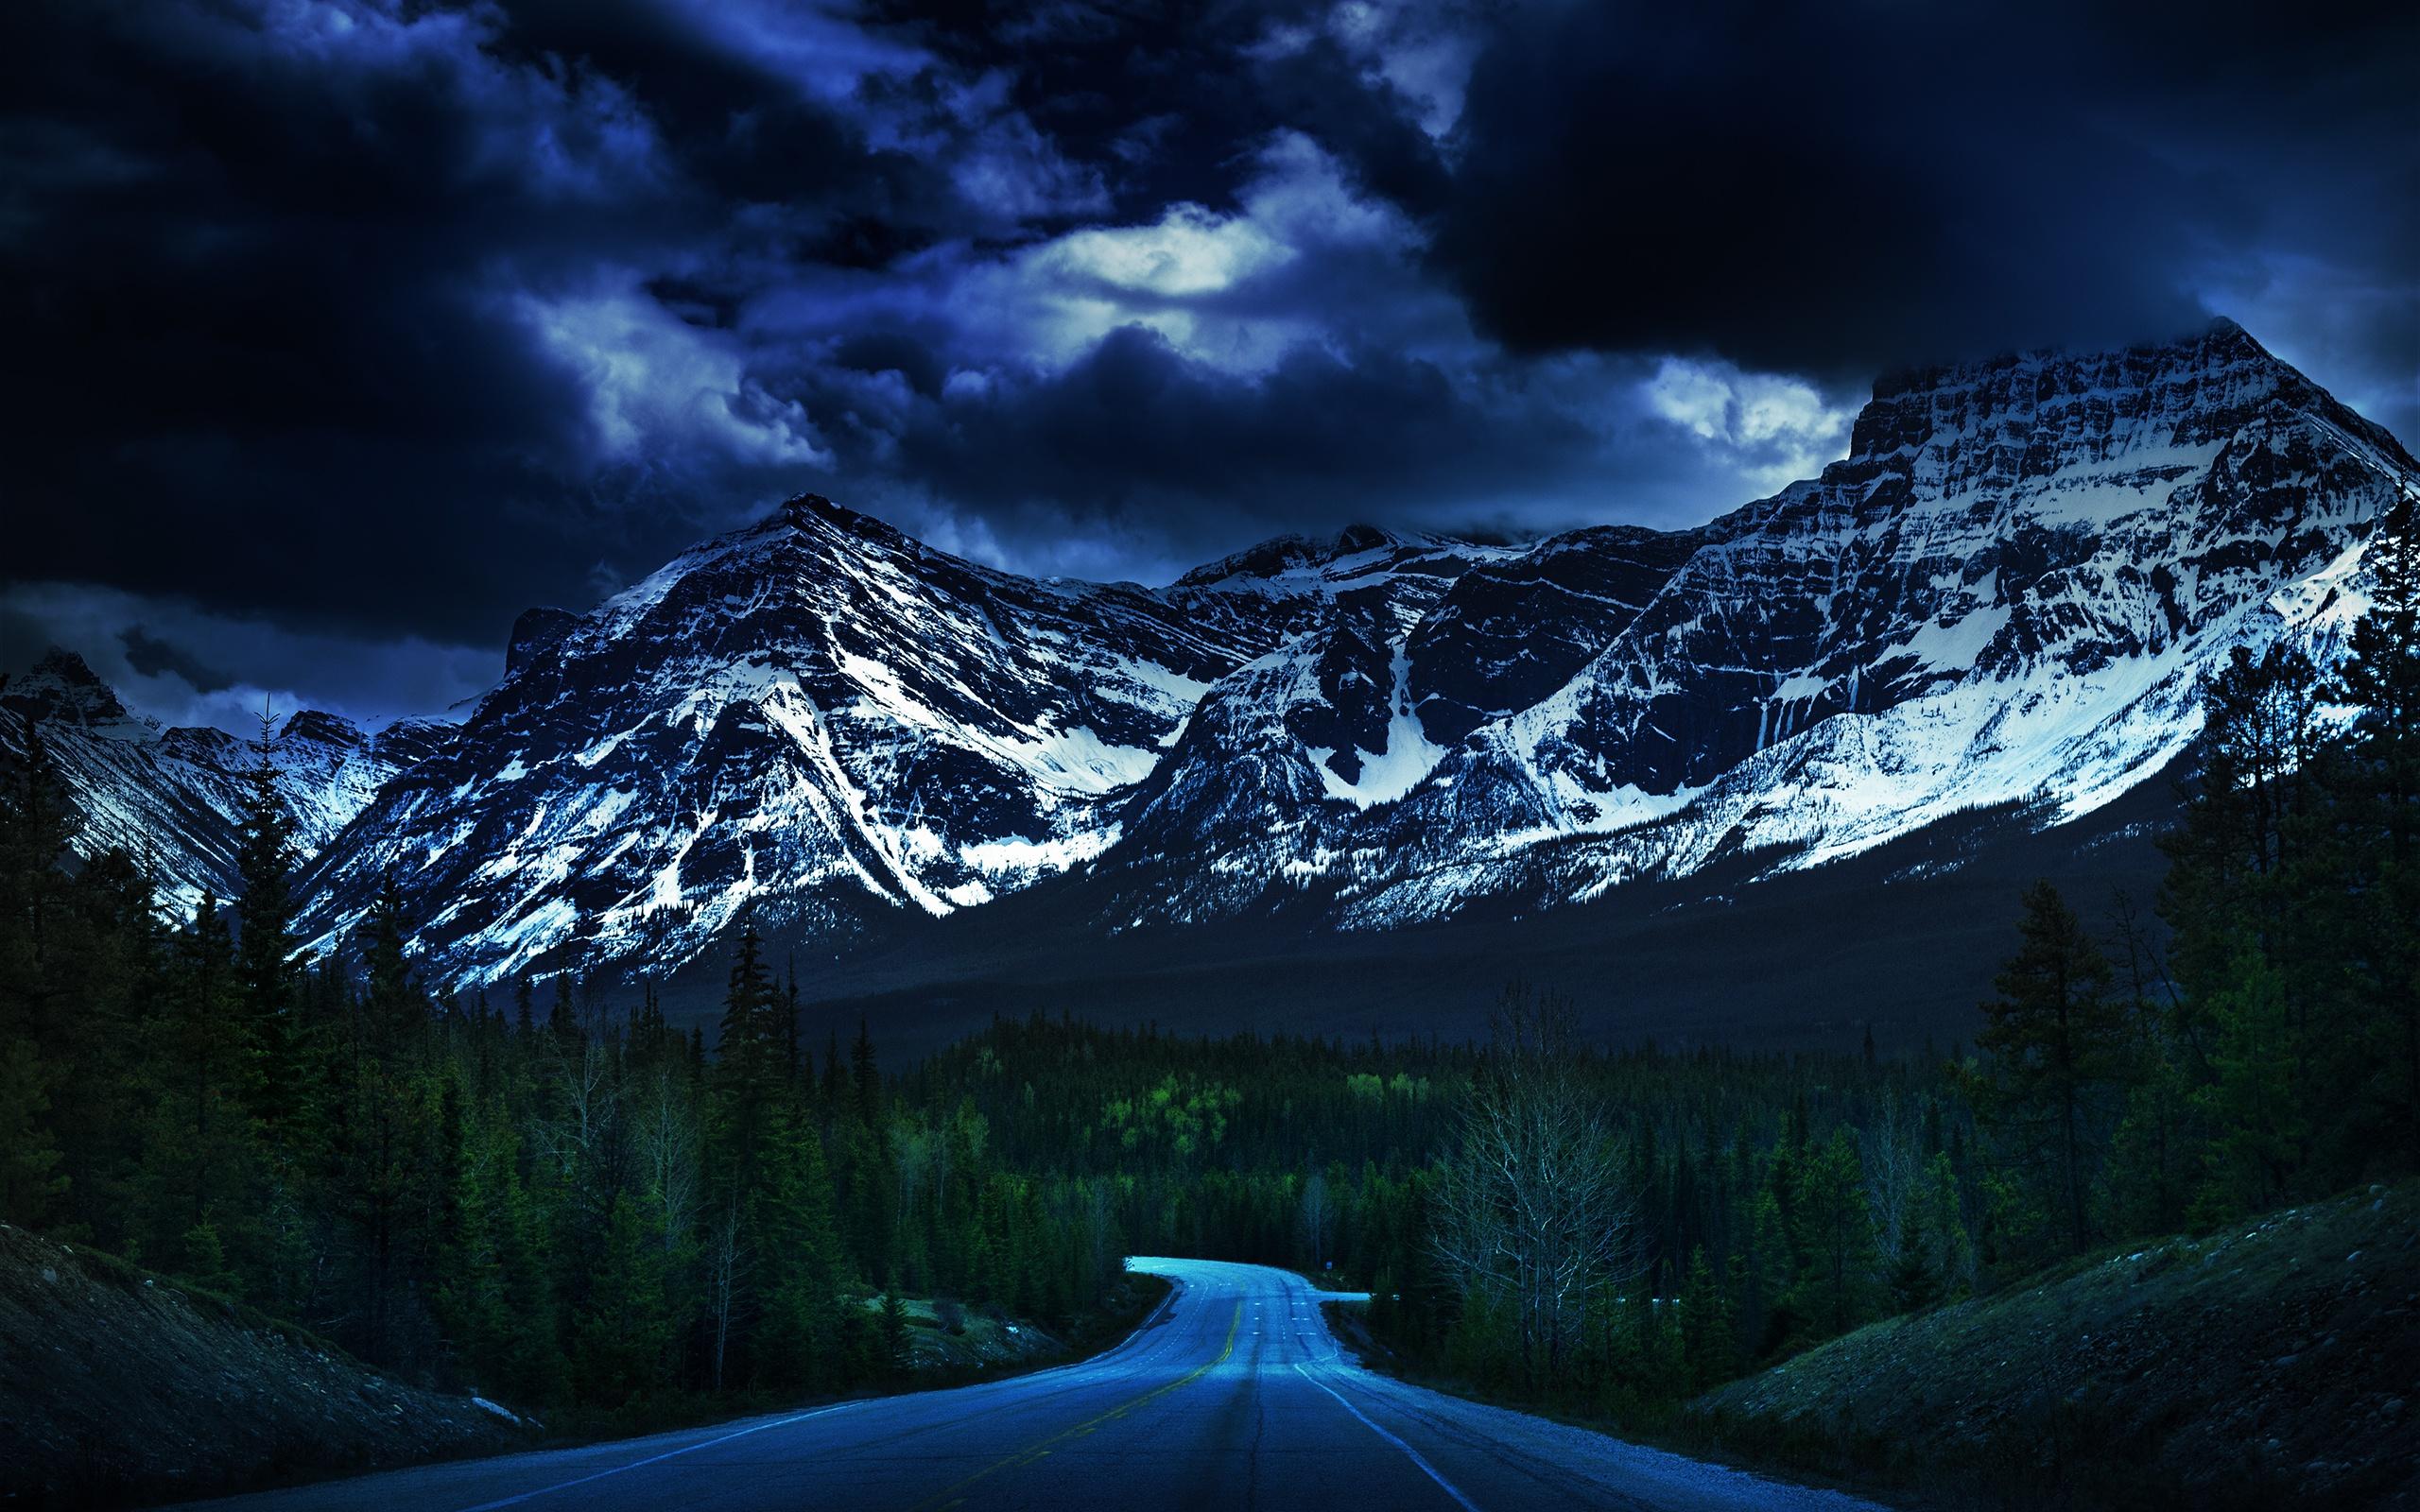 горы ночь лес дорога загрузить